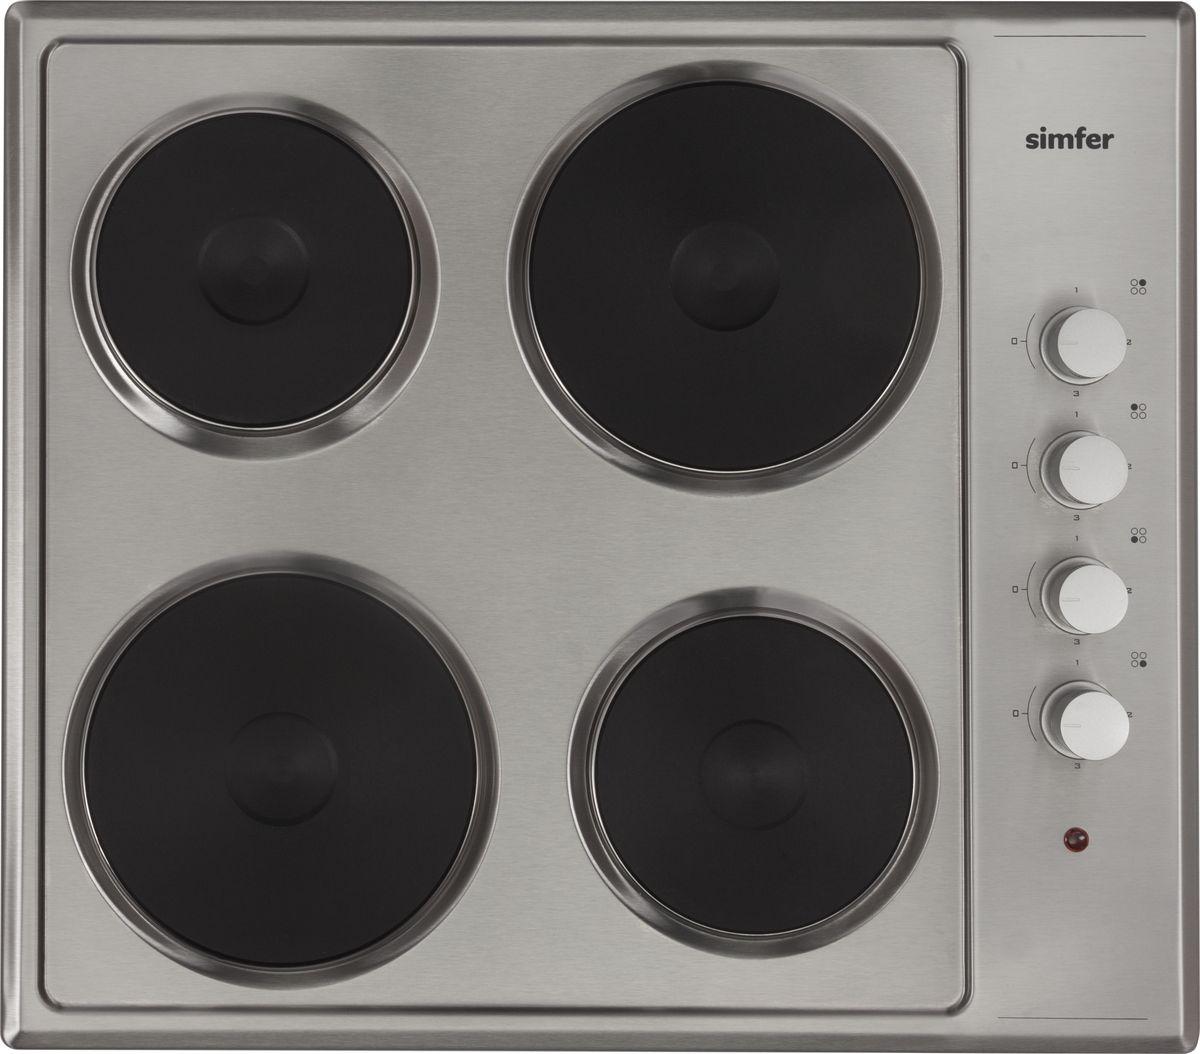 Варочная панель Simfer, электрическая, H60E04M011 Simfer